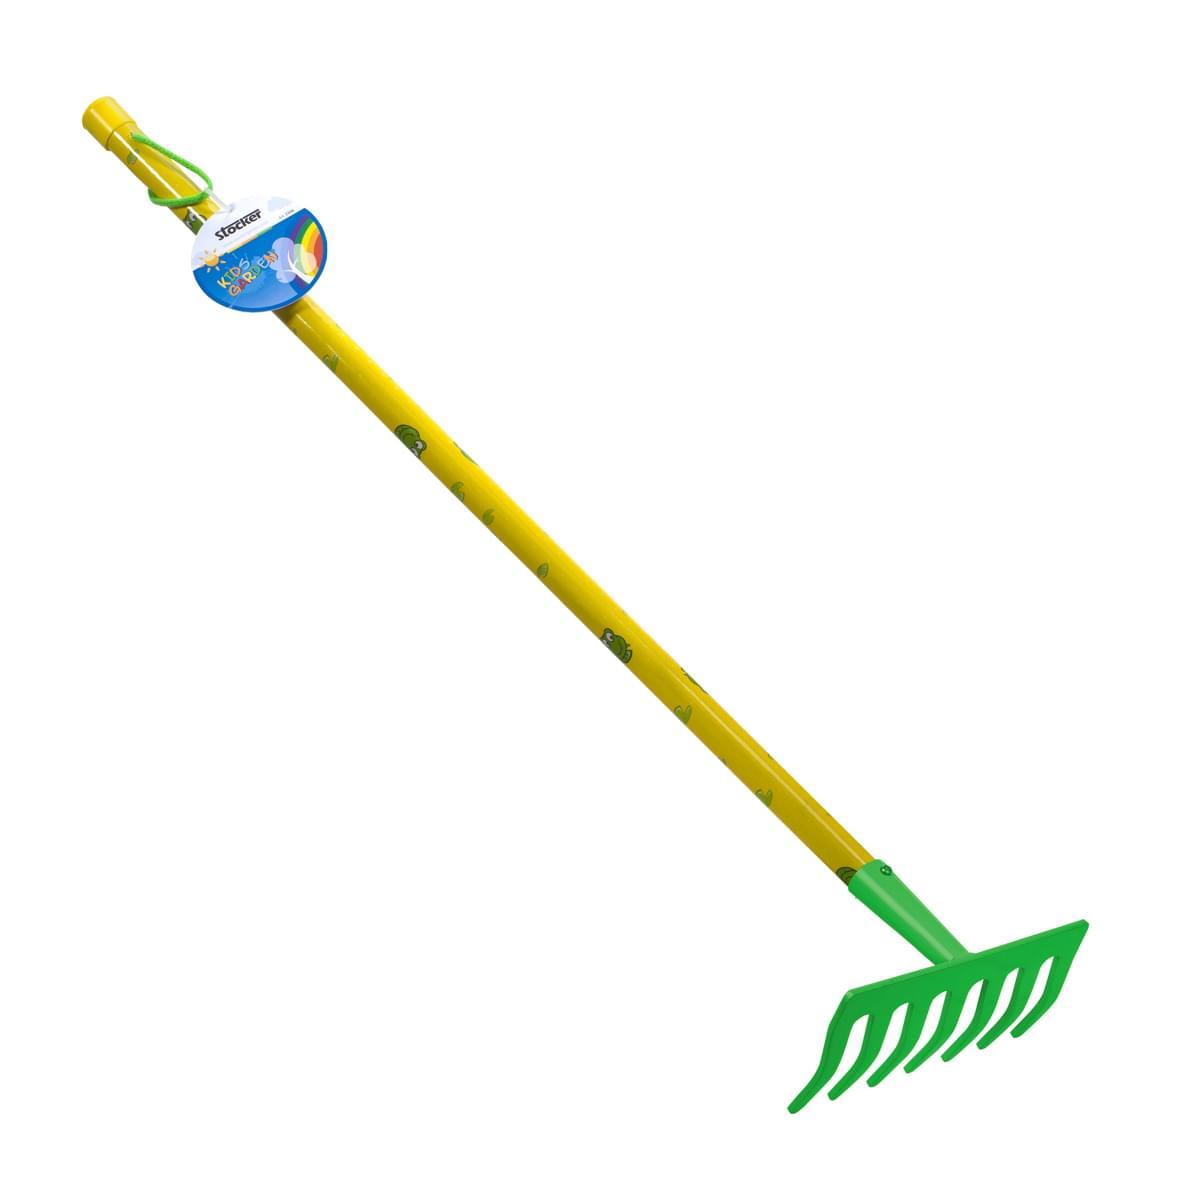 παιδική τσουγκράνα κηπουρικής - πράσινο-κίτρινο - stocker 2324